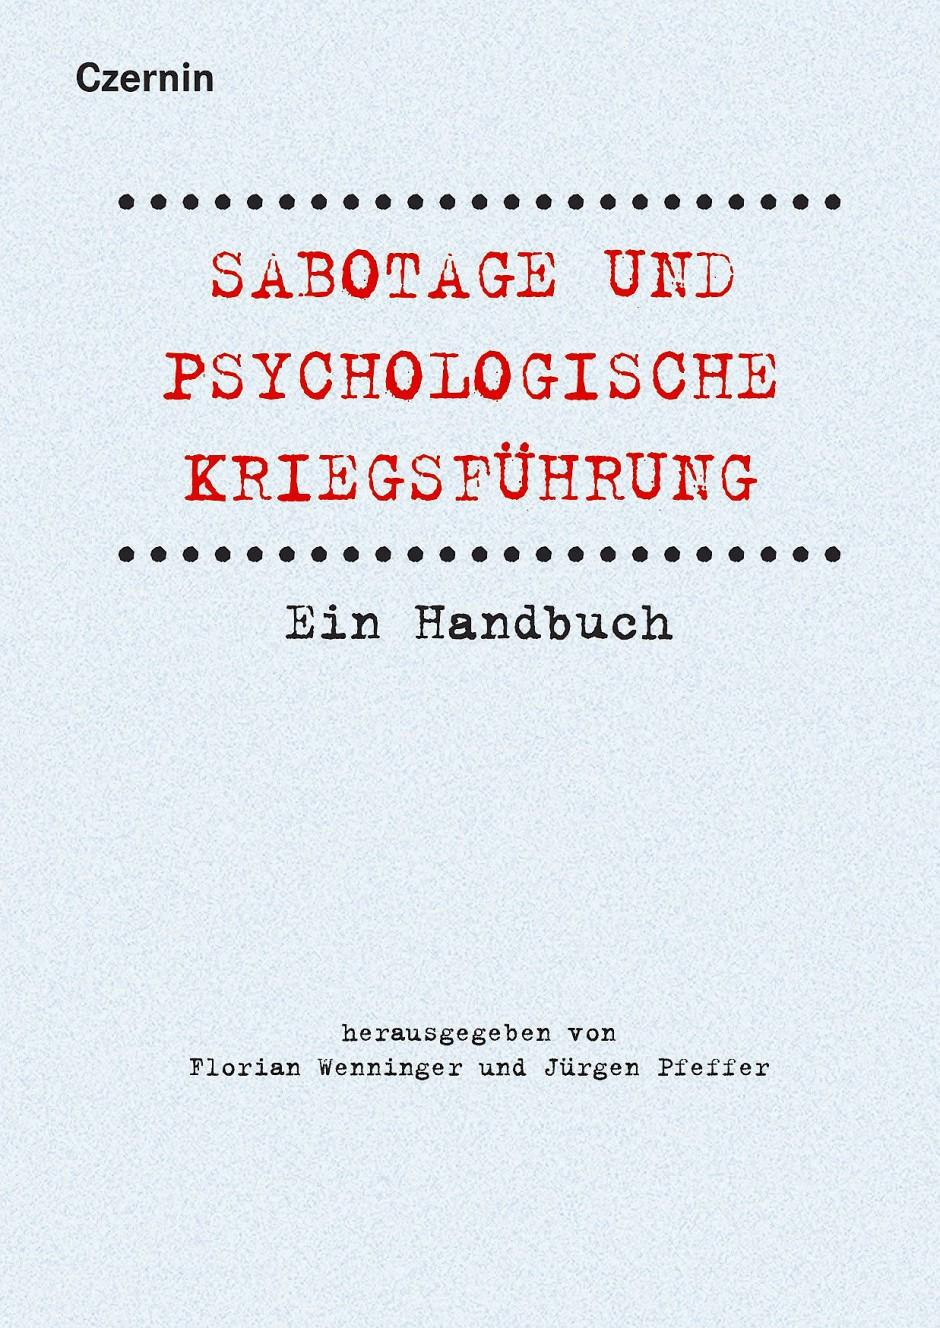 """Florian Wenninger, Jürgen Pfeffer (Hrsg): """"Sabotage und psychologische Kriegsführung"""". Ein Handbuch."""